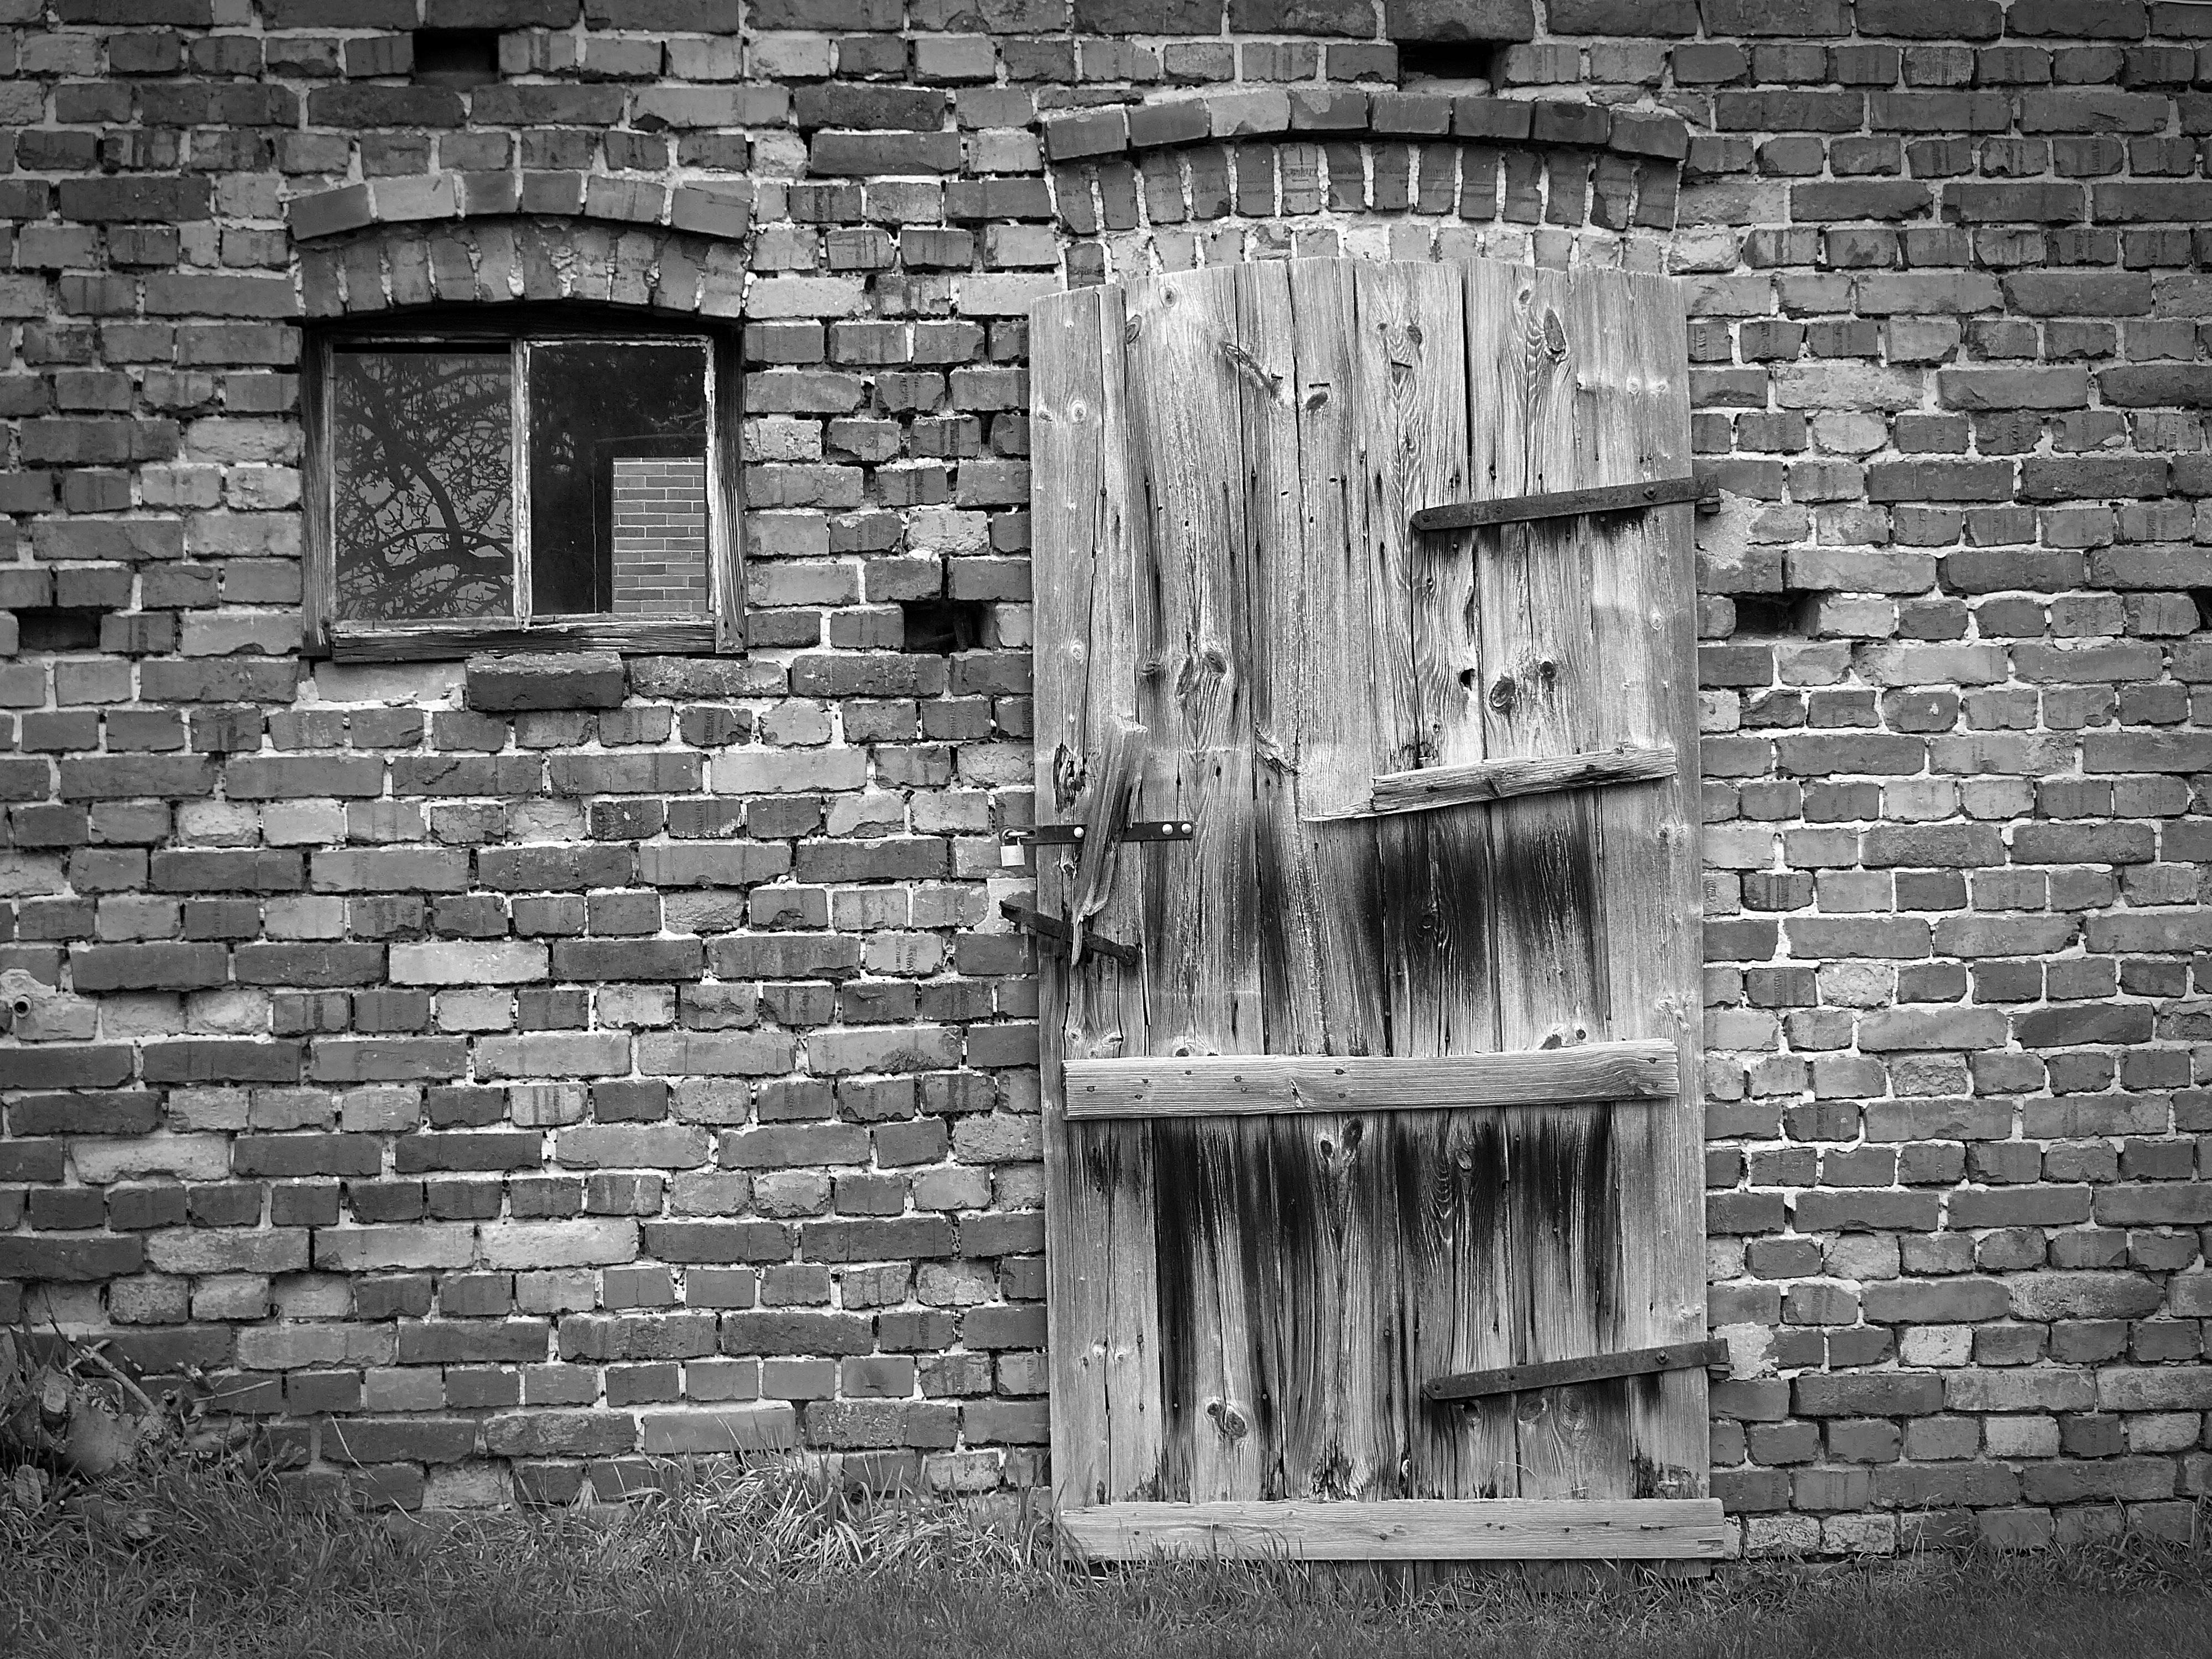 Fotos gratis : rock, en blanco y negro, madera, calle, fotografía ...